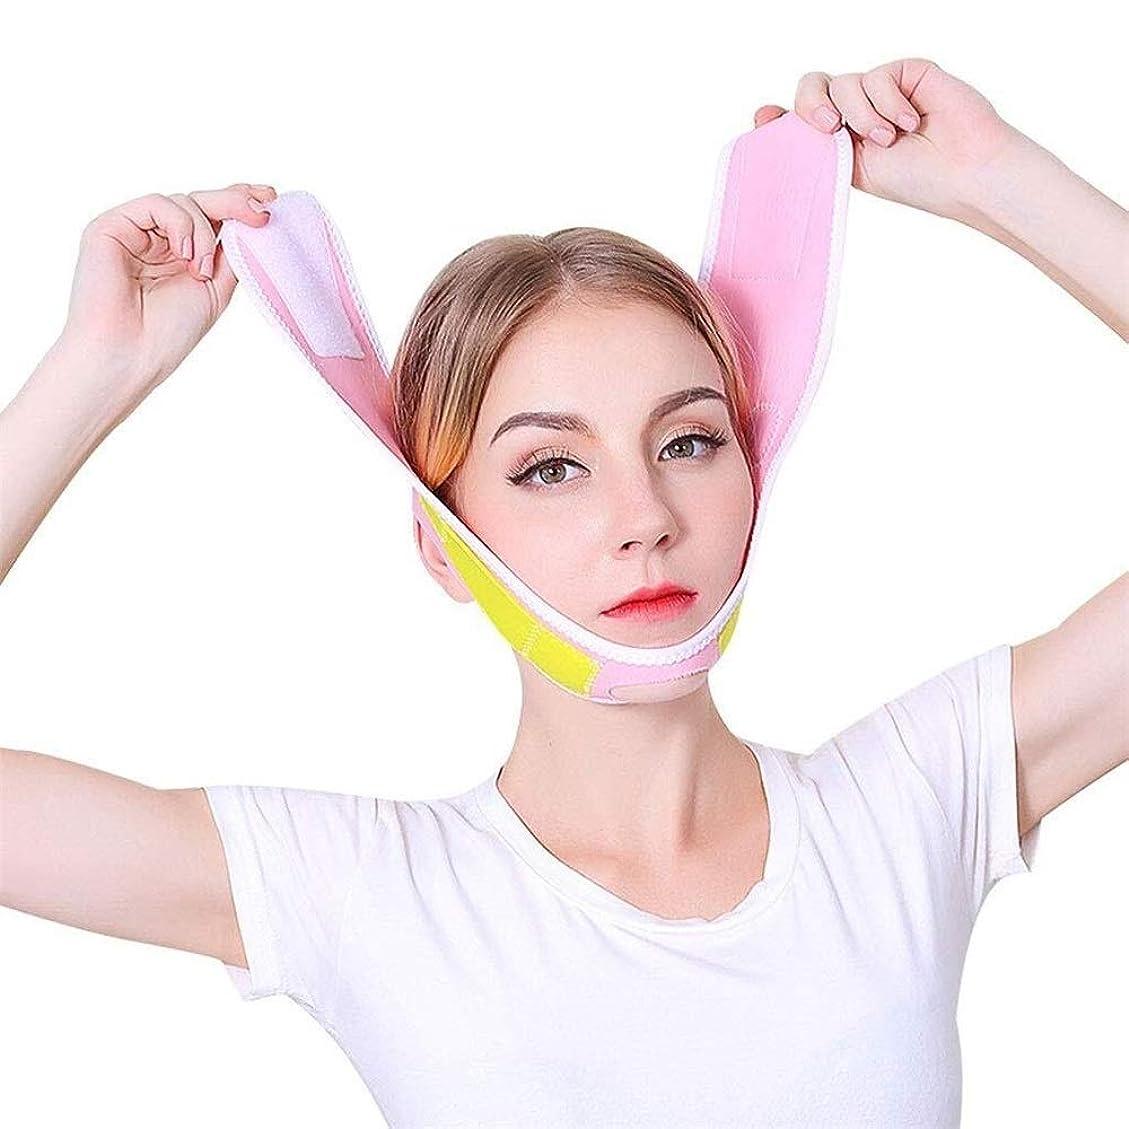 アラバマ職業嘆願顔の持ち上がる細くの伸縮性があるベルト、 フェイスリフト包帯、男性と女性のためのVフェイスマスクあご通気性フェイススリミングバンド (Color : A)